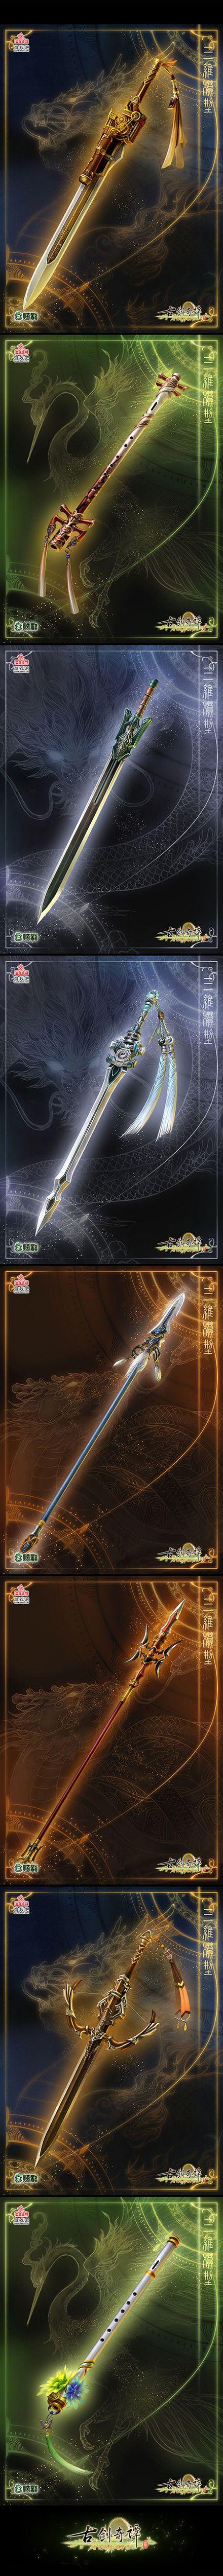 @ Вода живопись два # # Ци Тан 3D легкие вооружения ... . Yin yang and many more elemental weapon swords